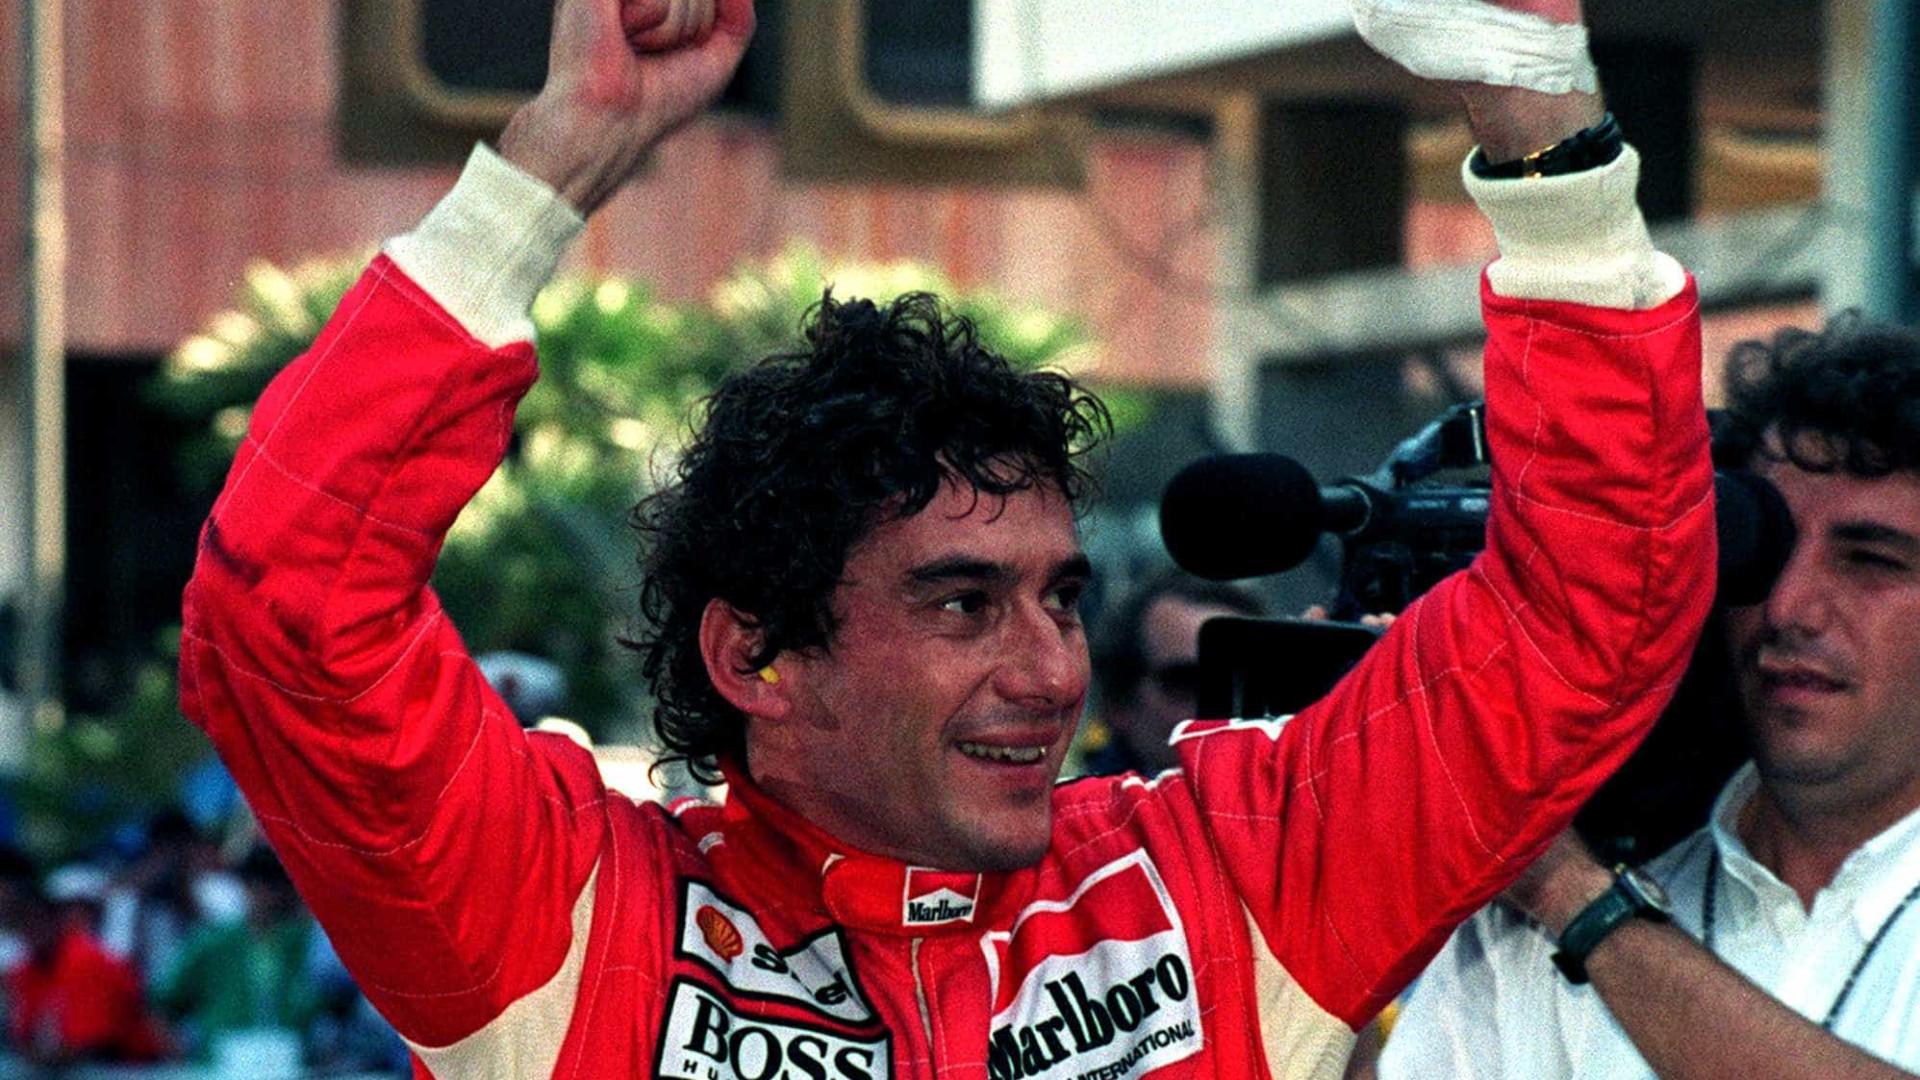 Há 30 anos, Senna levava 1º título e status de herói com vitória épica